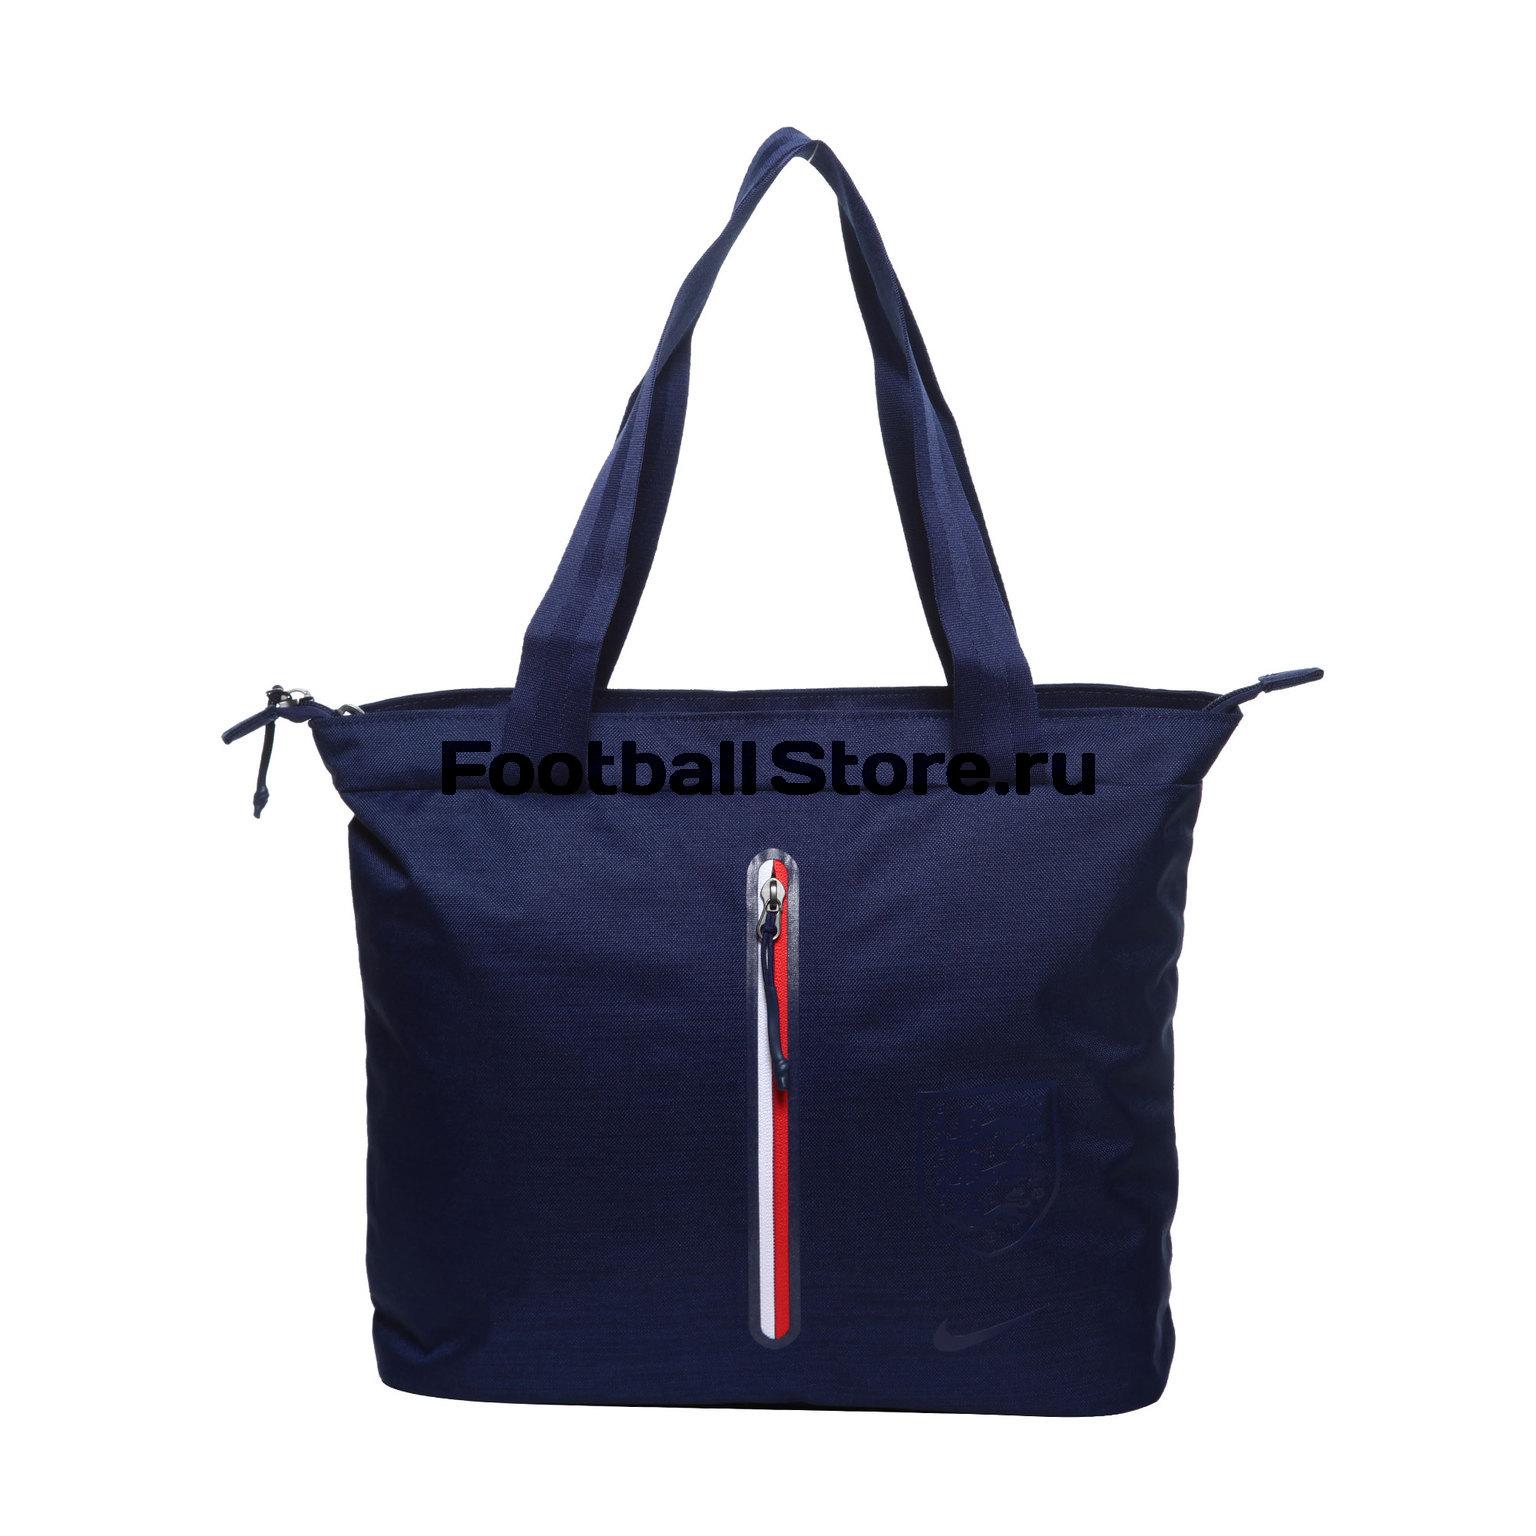 Сумка Nike сборной Англии BA5515-421 сумка спортивная nike nike ni464bwrym11